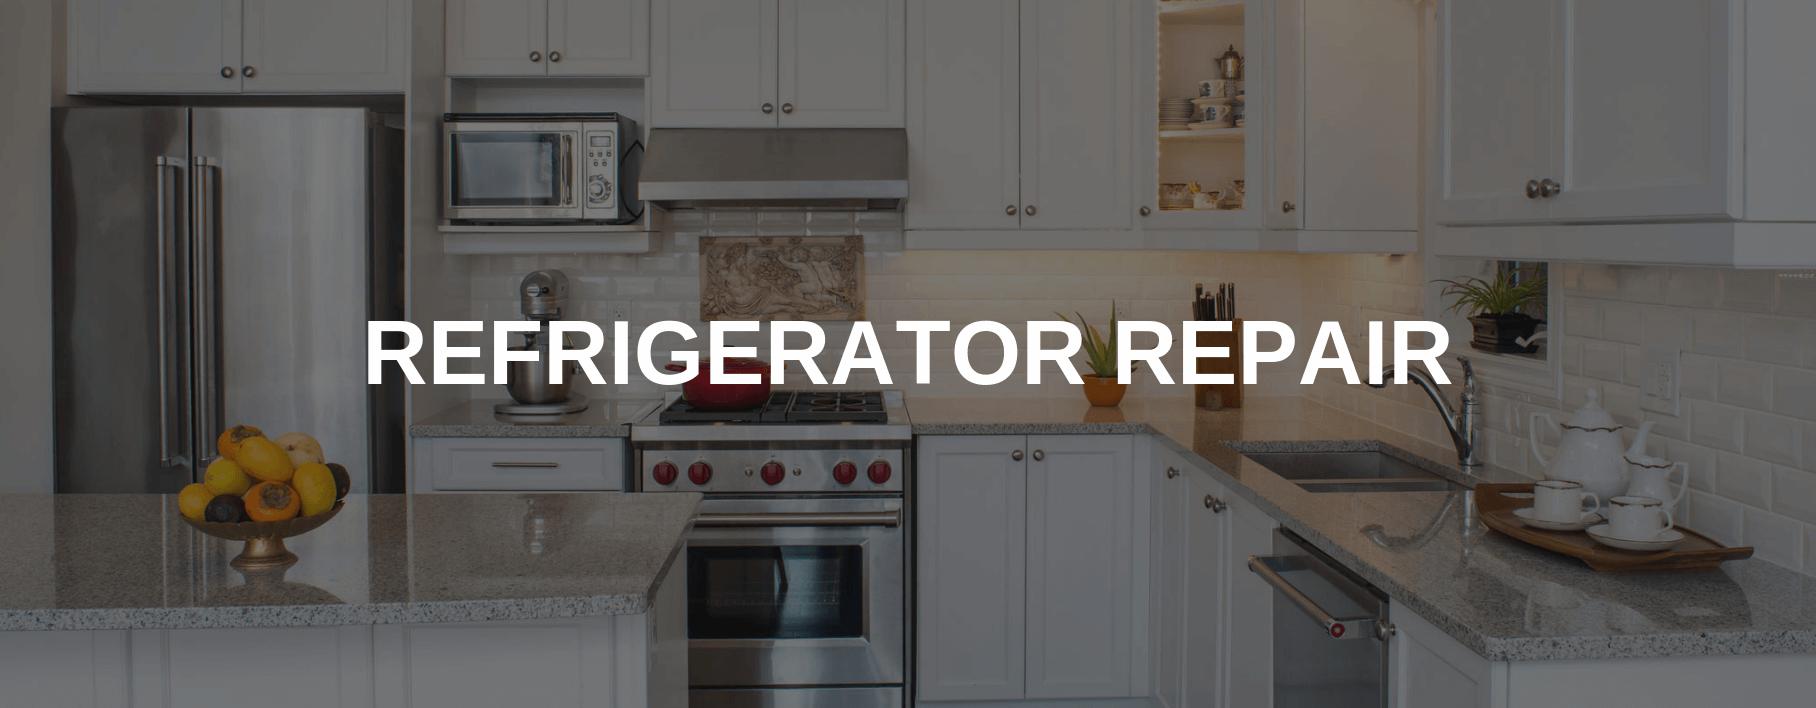 refrigerator repair bowie